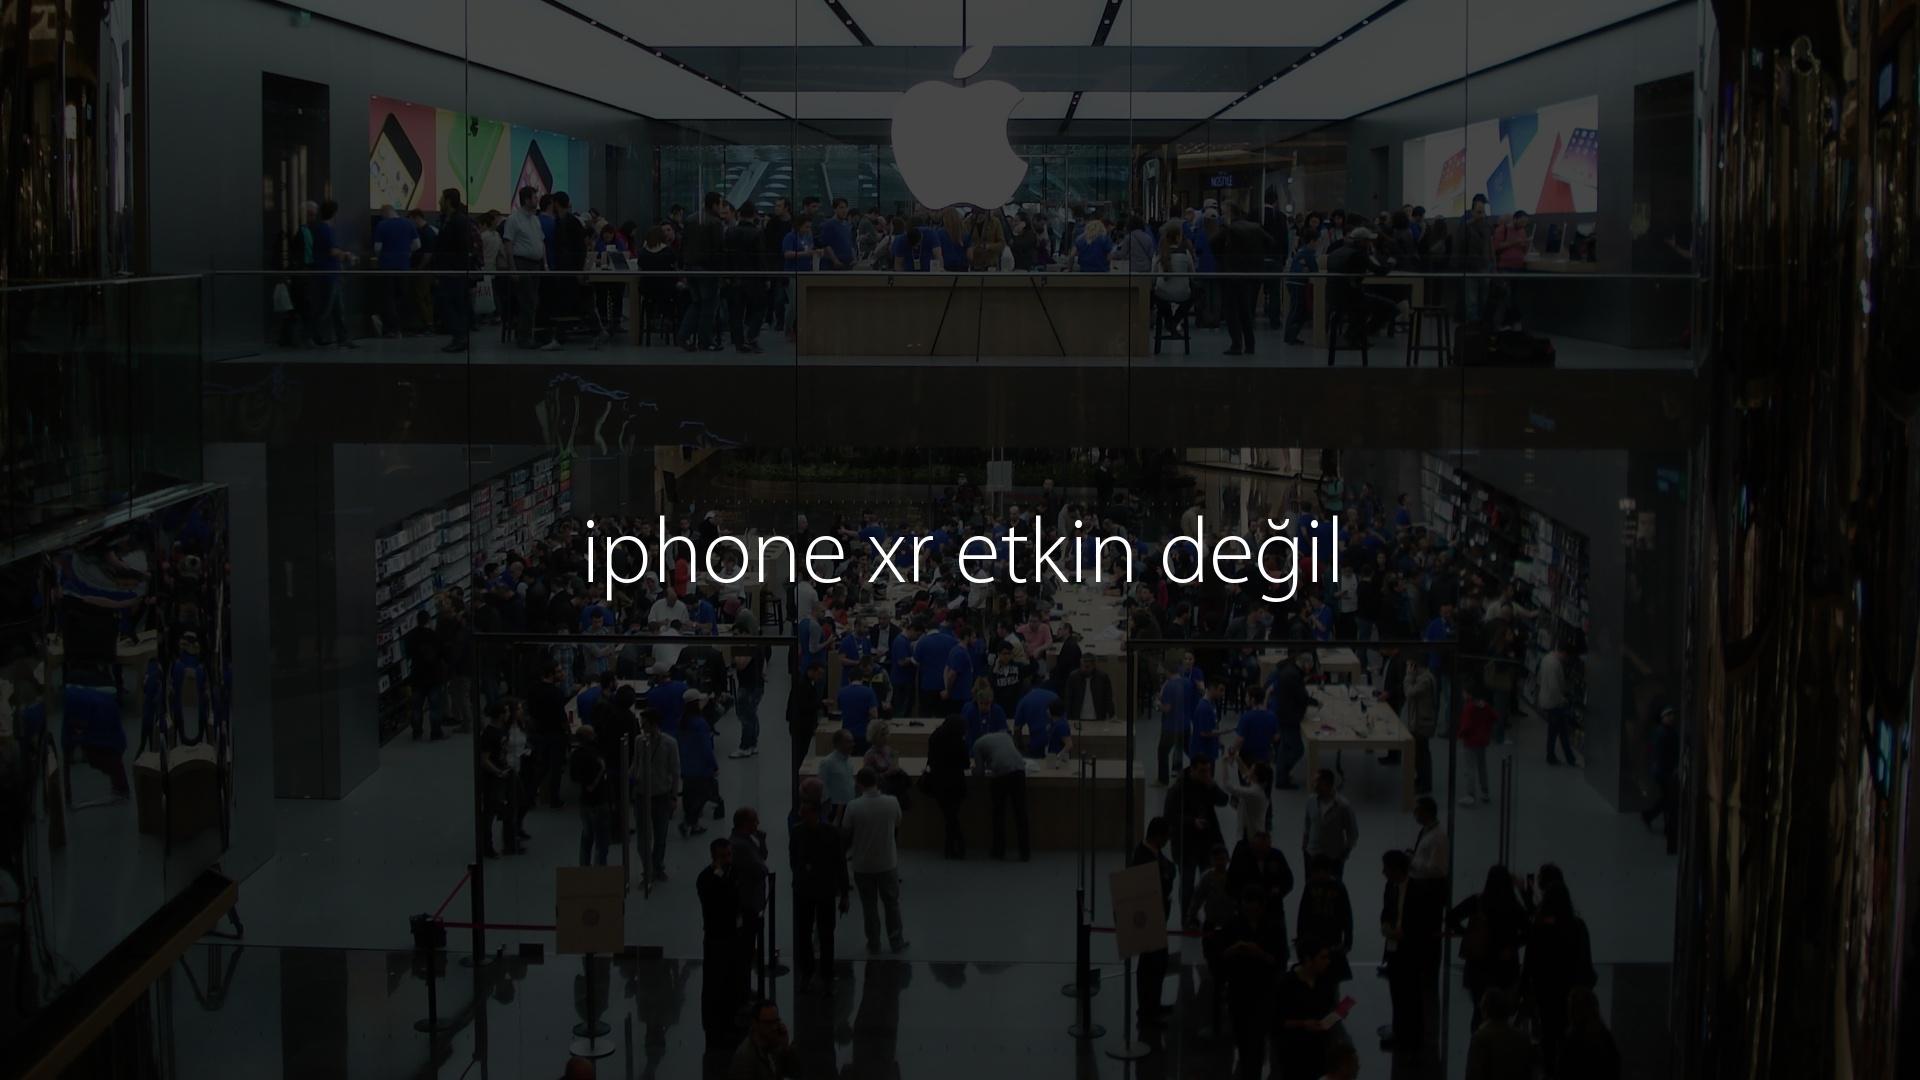 iphone xr etkin değil